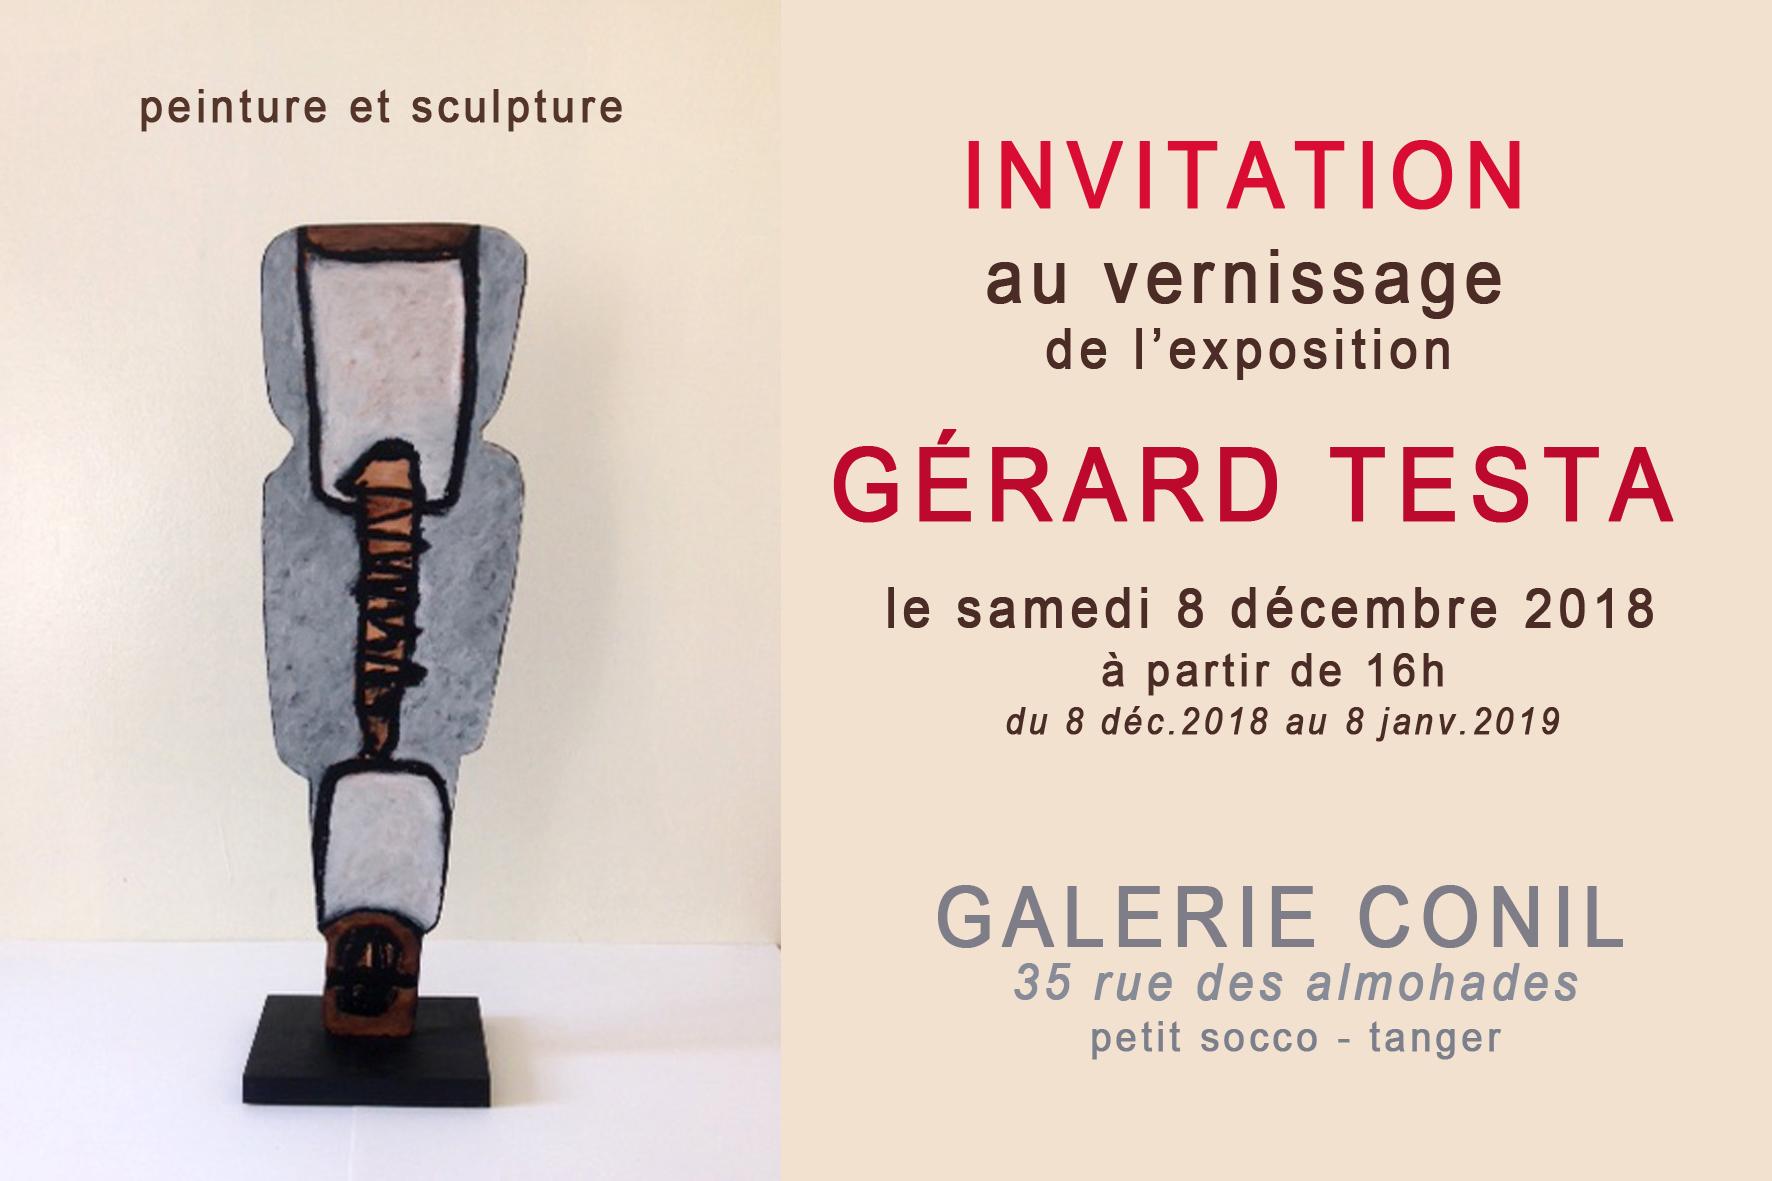 Gérard Testa - Conil 2018